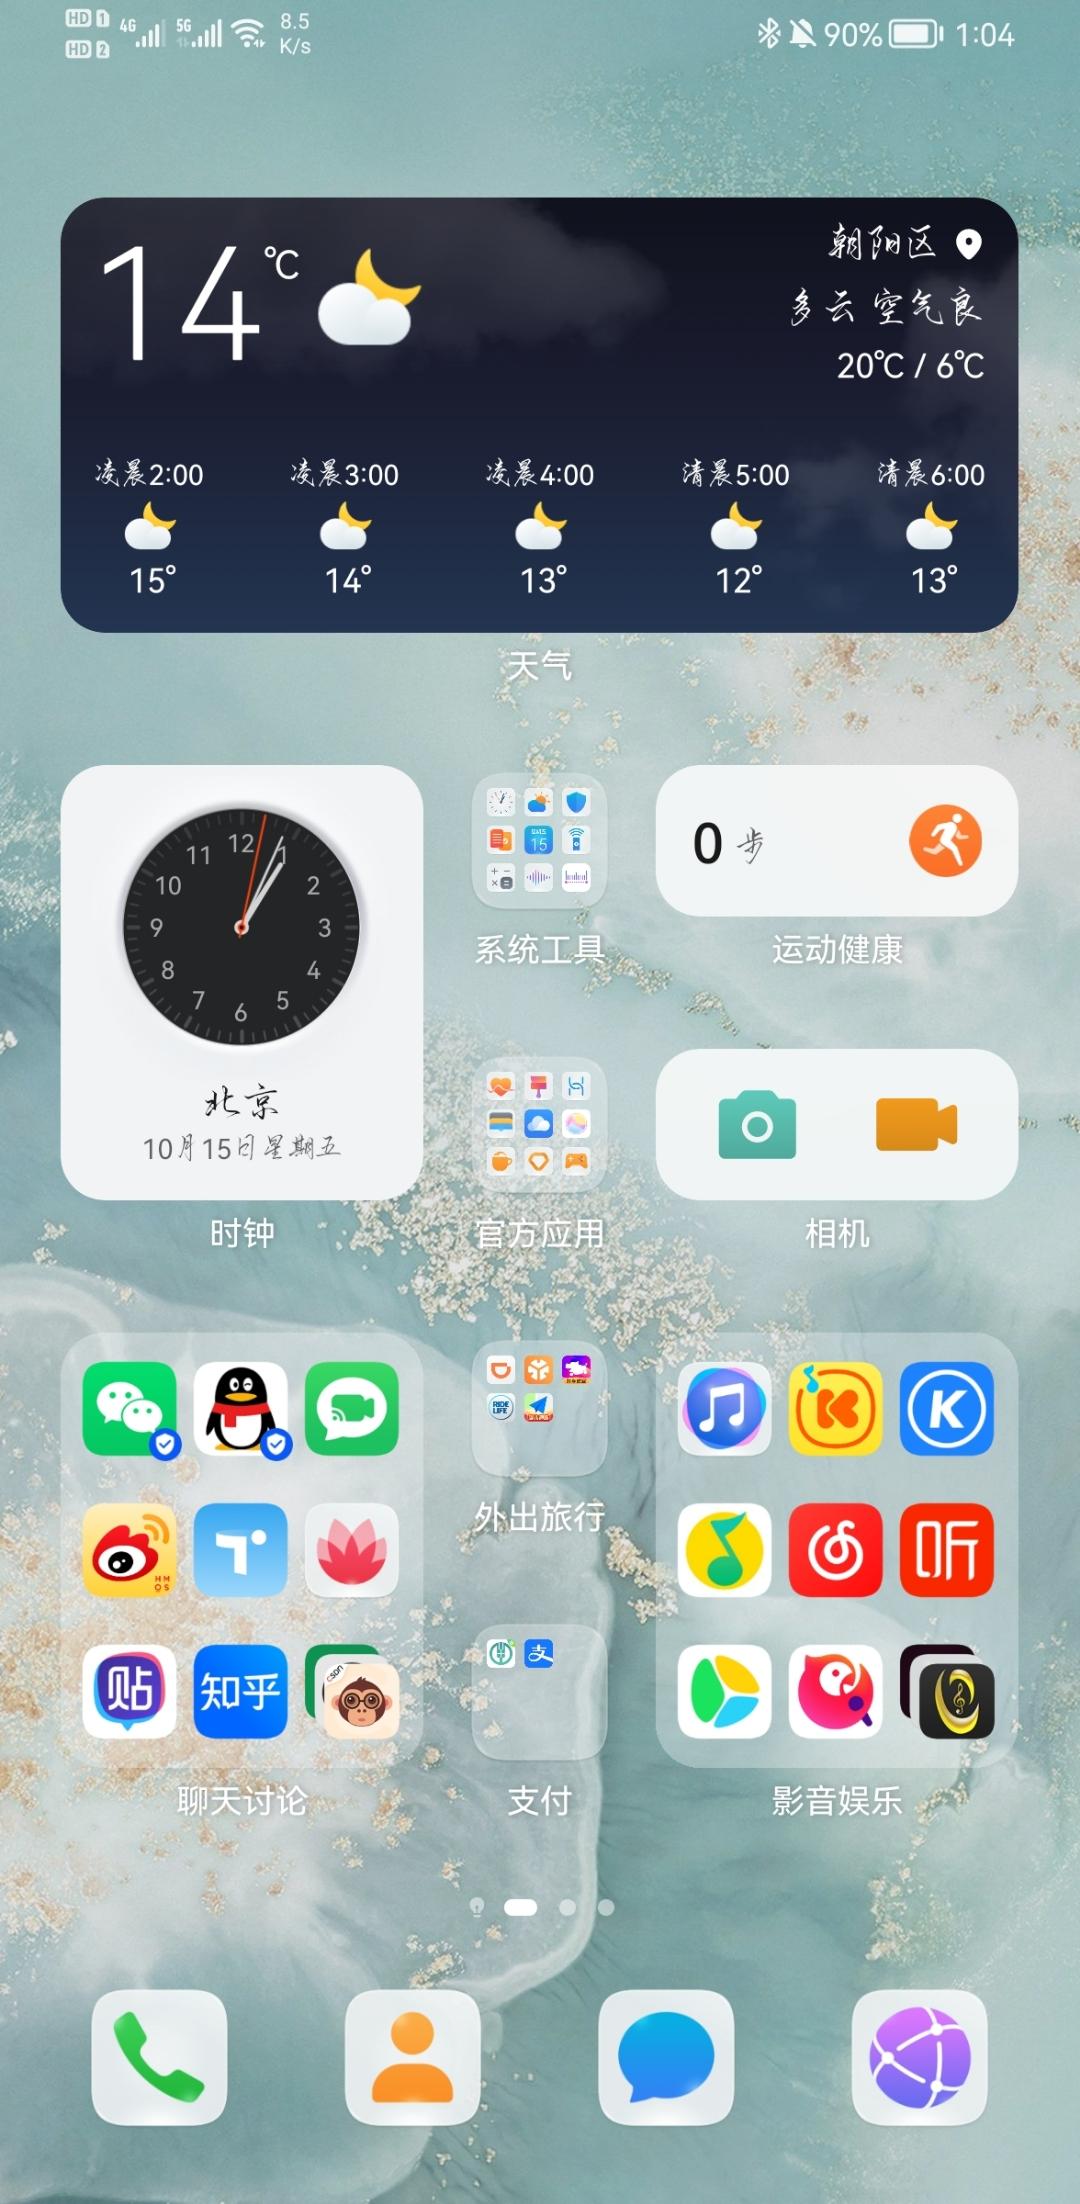 Screenshot_20211015_010403_com.huawei.android.launcher.jpg